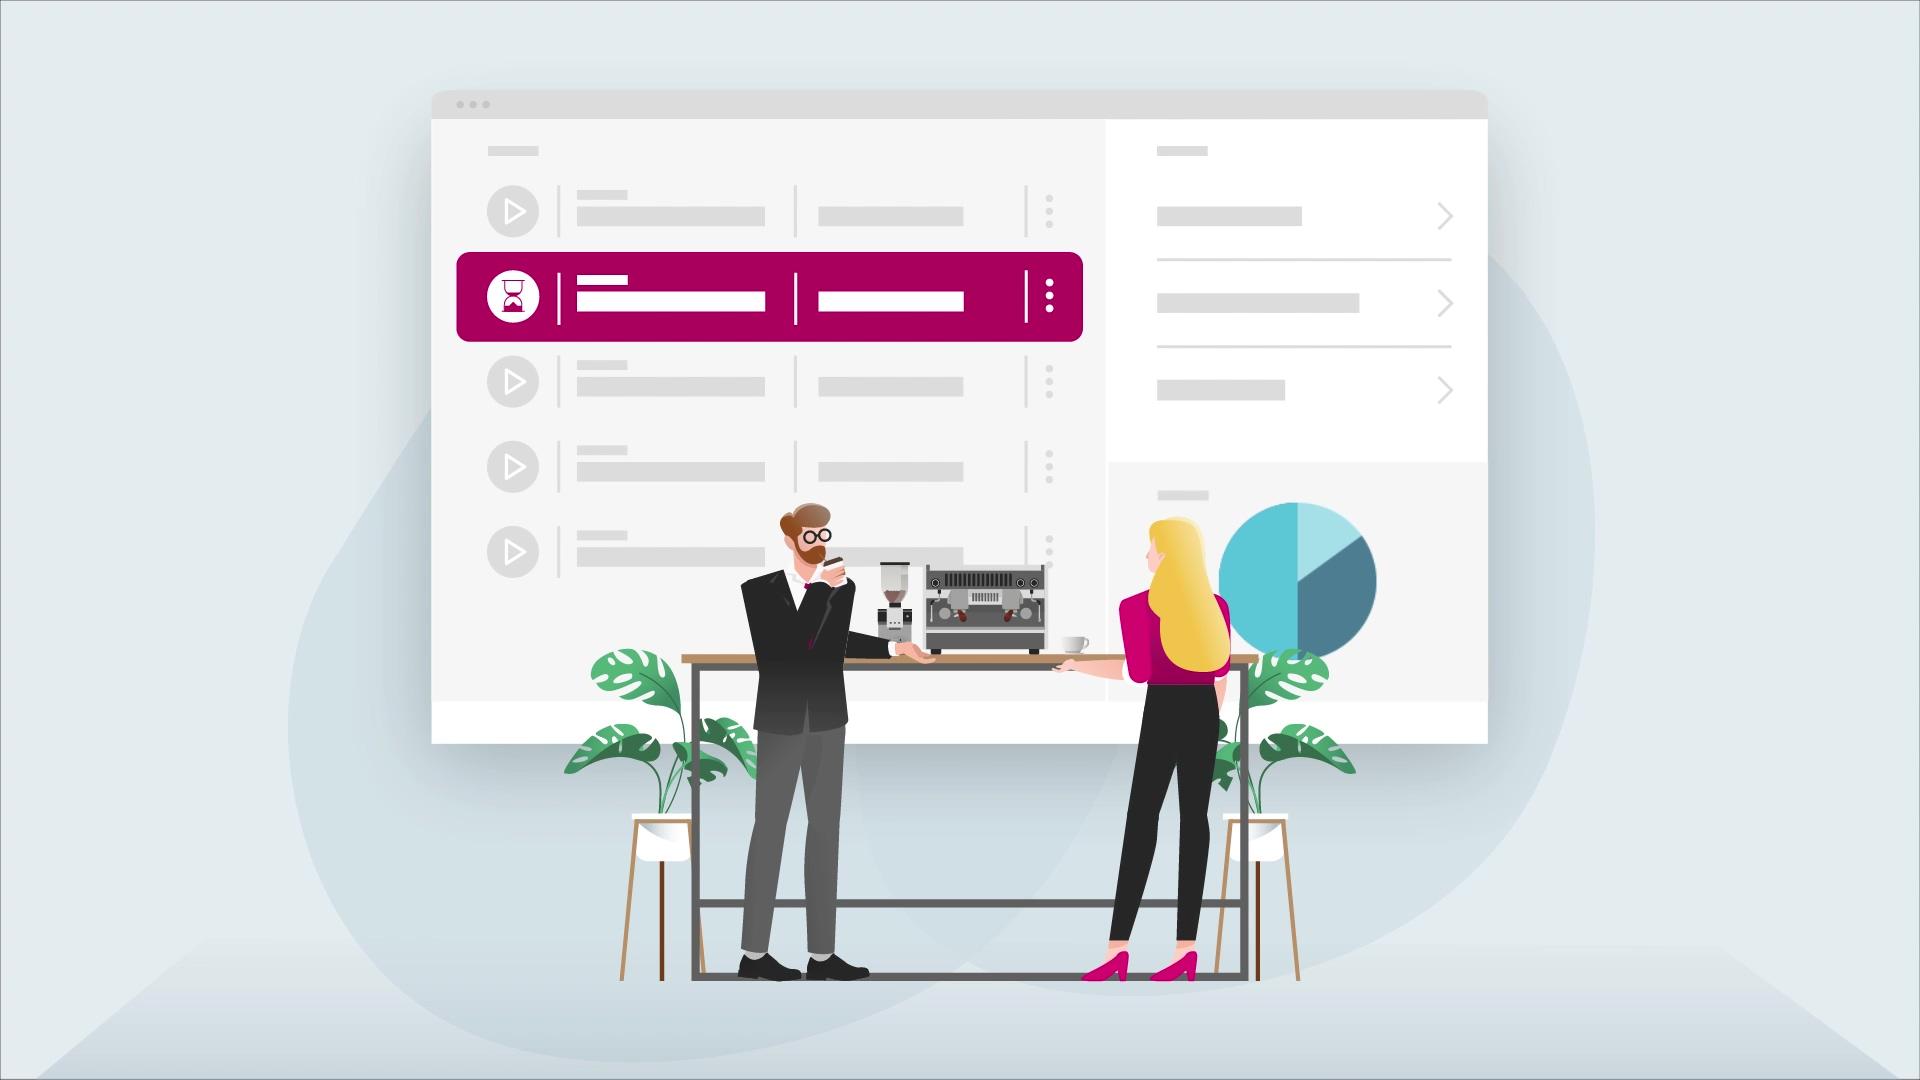 axonfintech-website-video-kreditautobahn